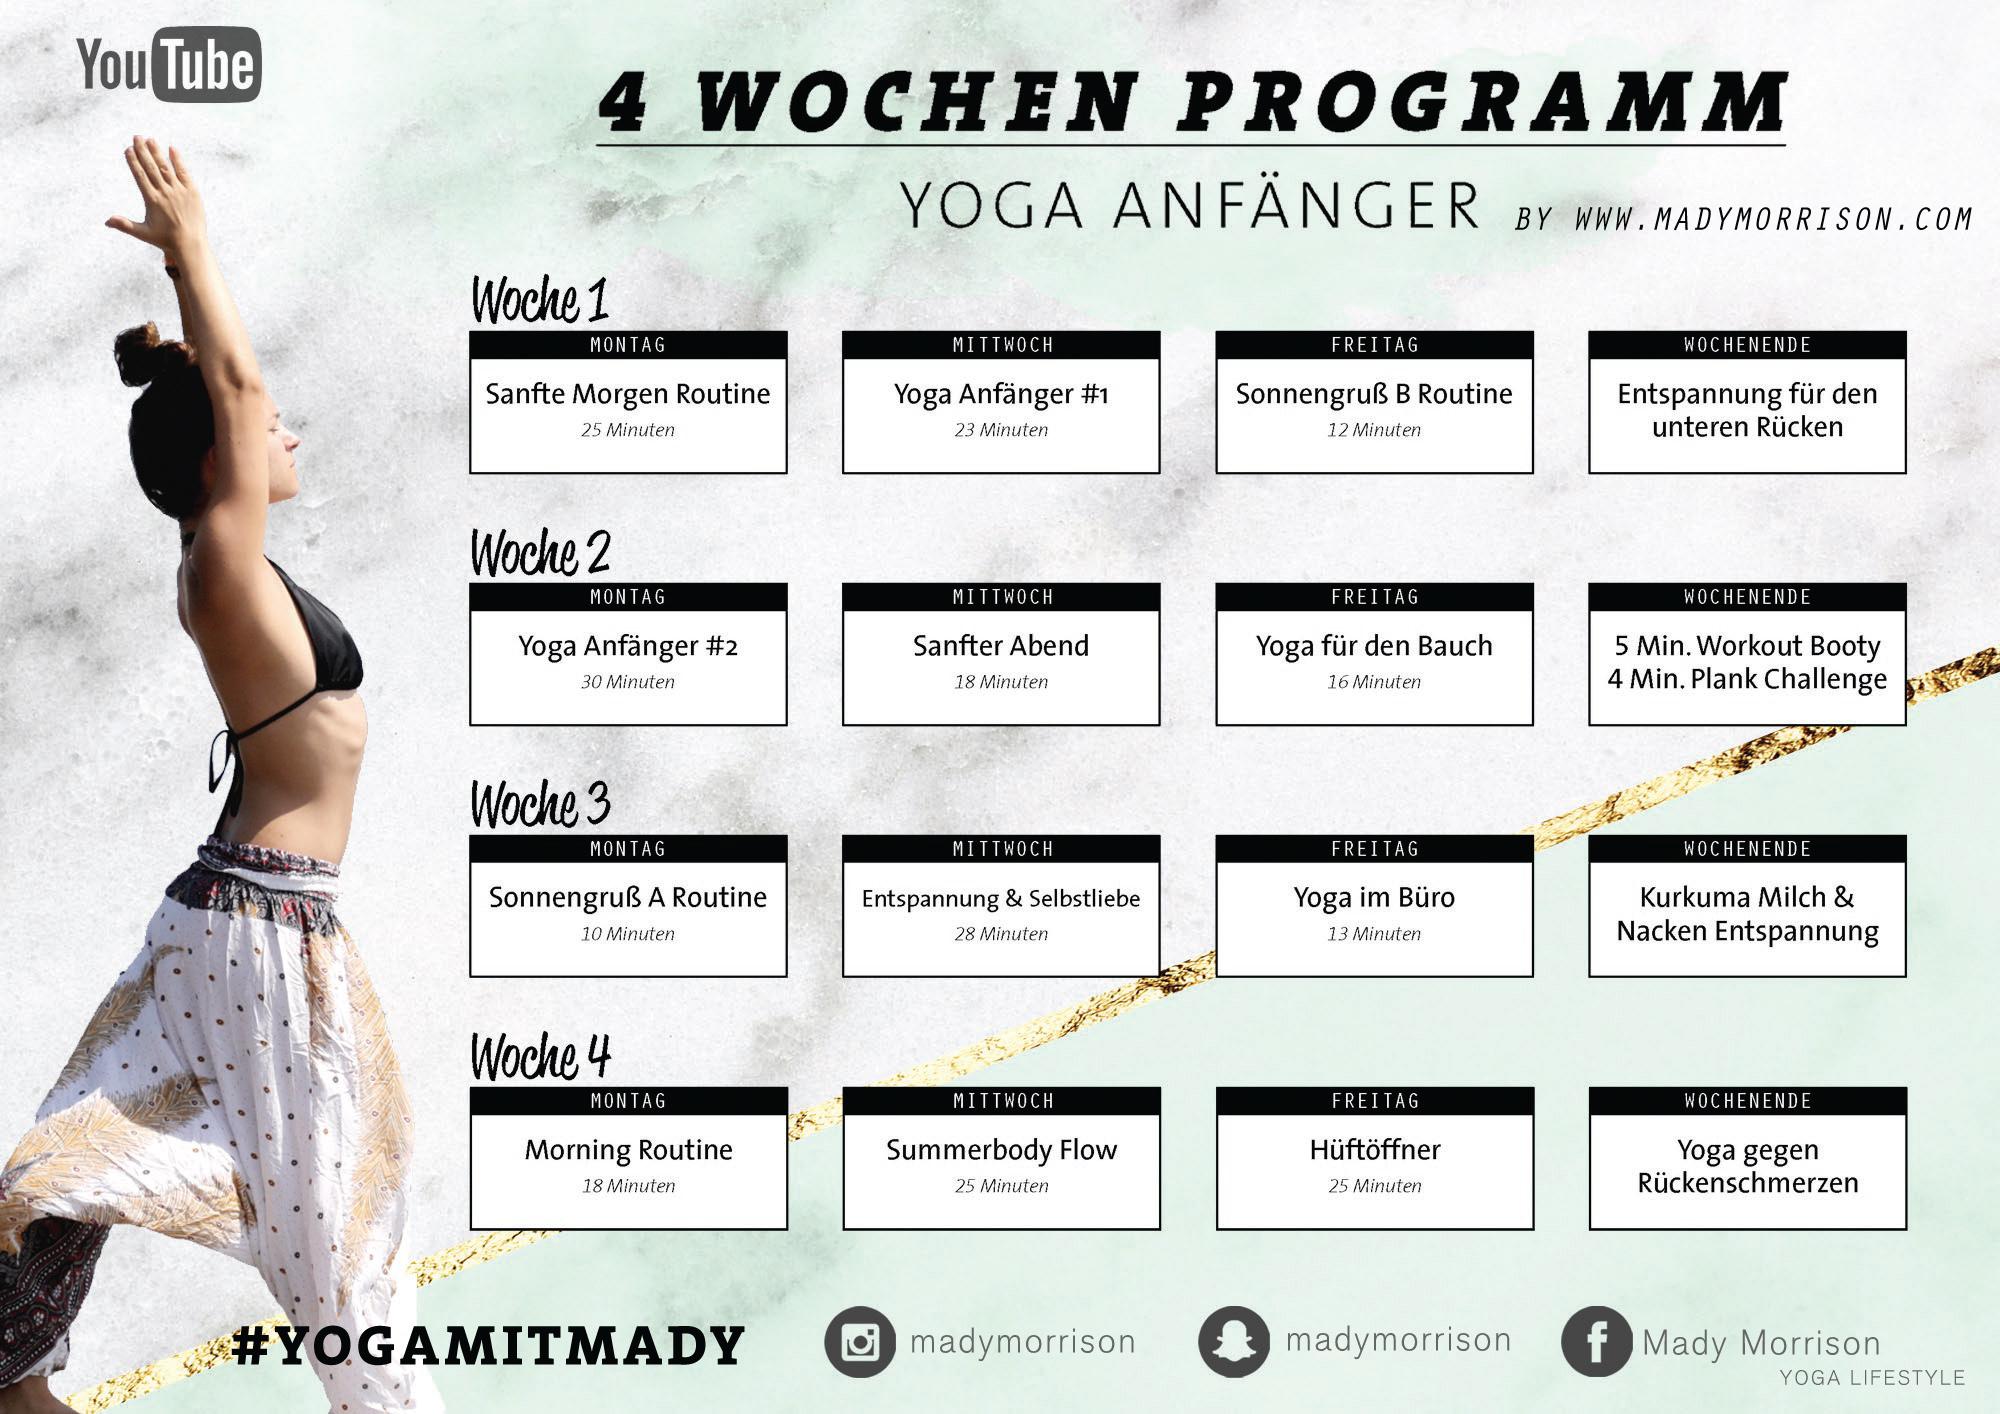 Ganz und zu Extrem 4 Wochen Yoga Programm | Für Anfänger & Geübte - Mady Morrison &OV_39